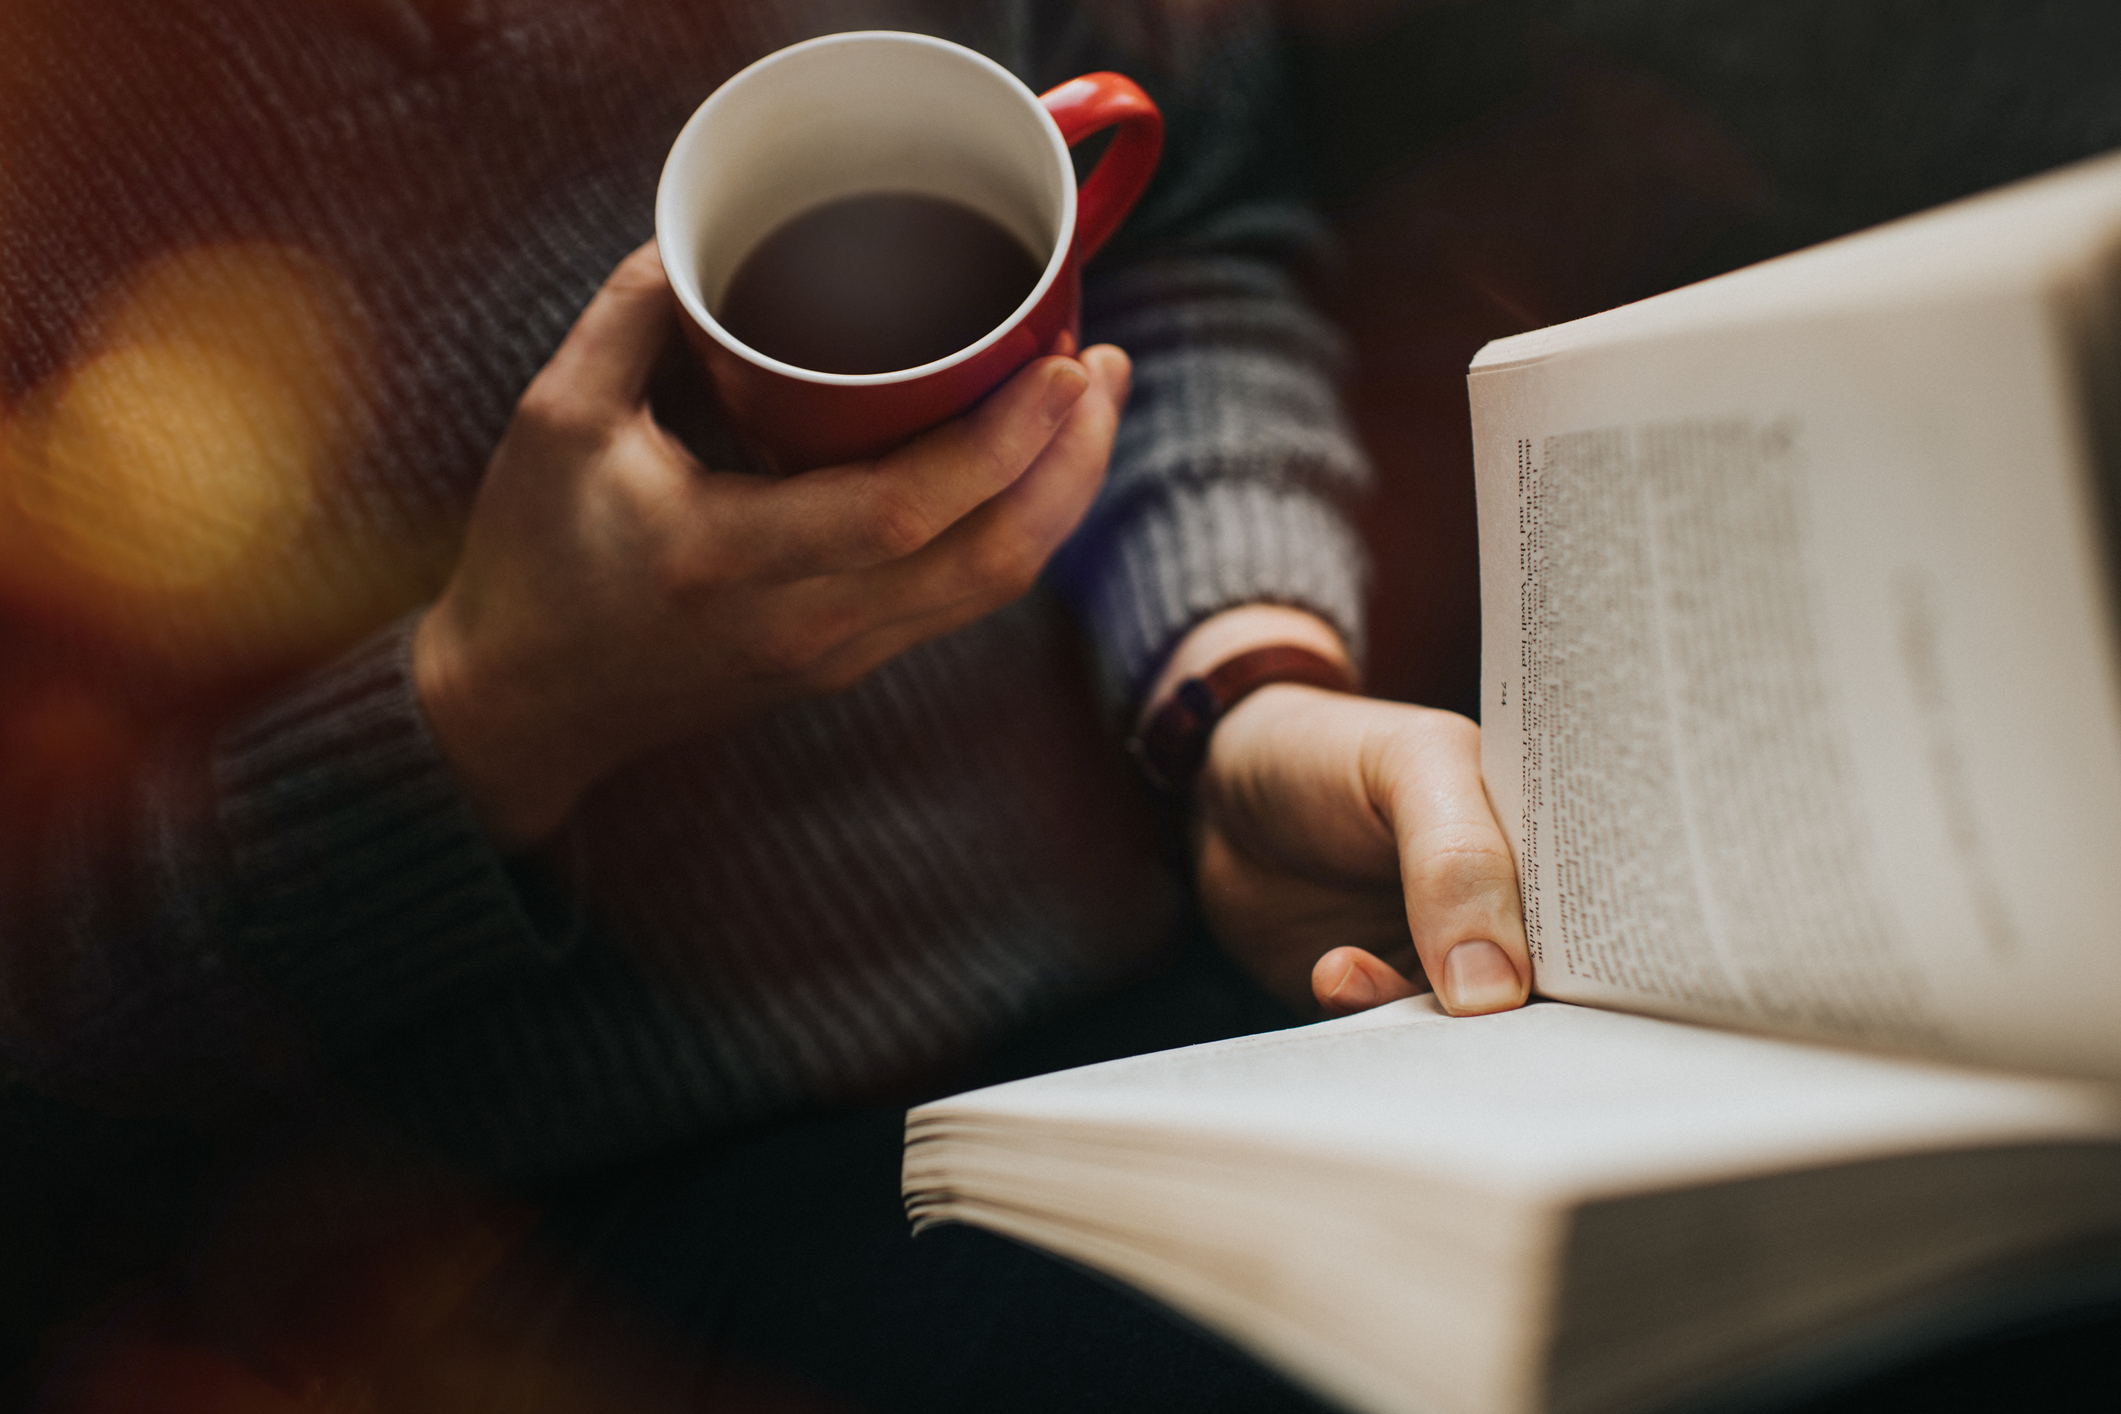 #TimpulSaCitim: sute de cititori au adus lectura în prim plan pe rețelele de socializare